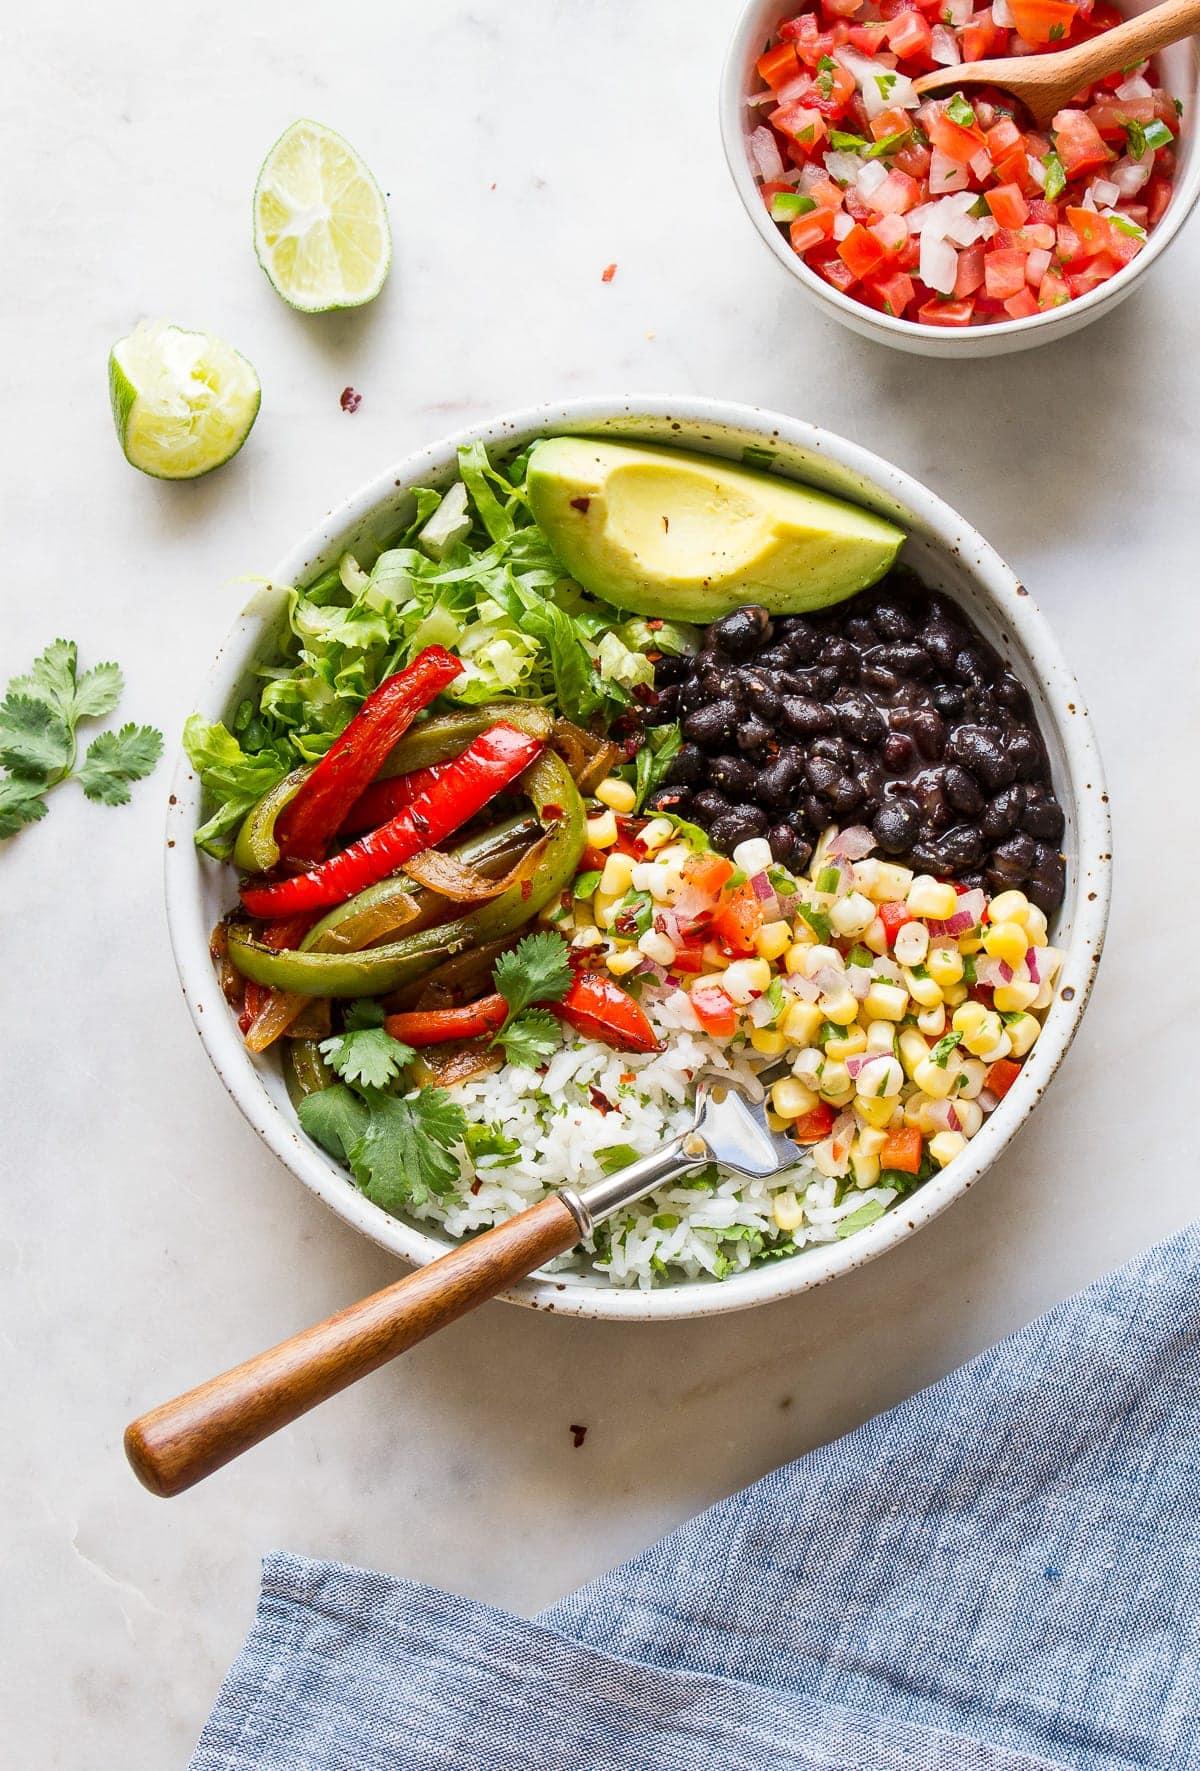 Vegan Burrito Bowl Chipotle Inspired The Simple Veganista